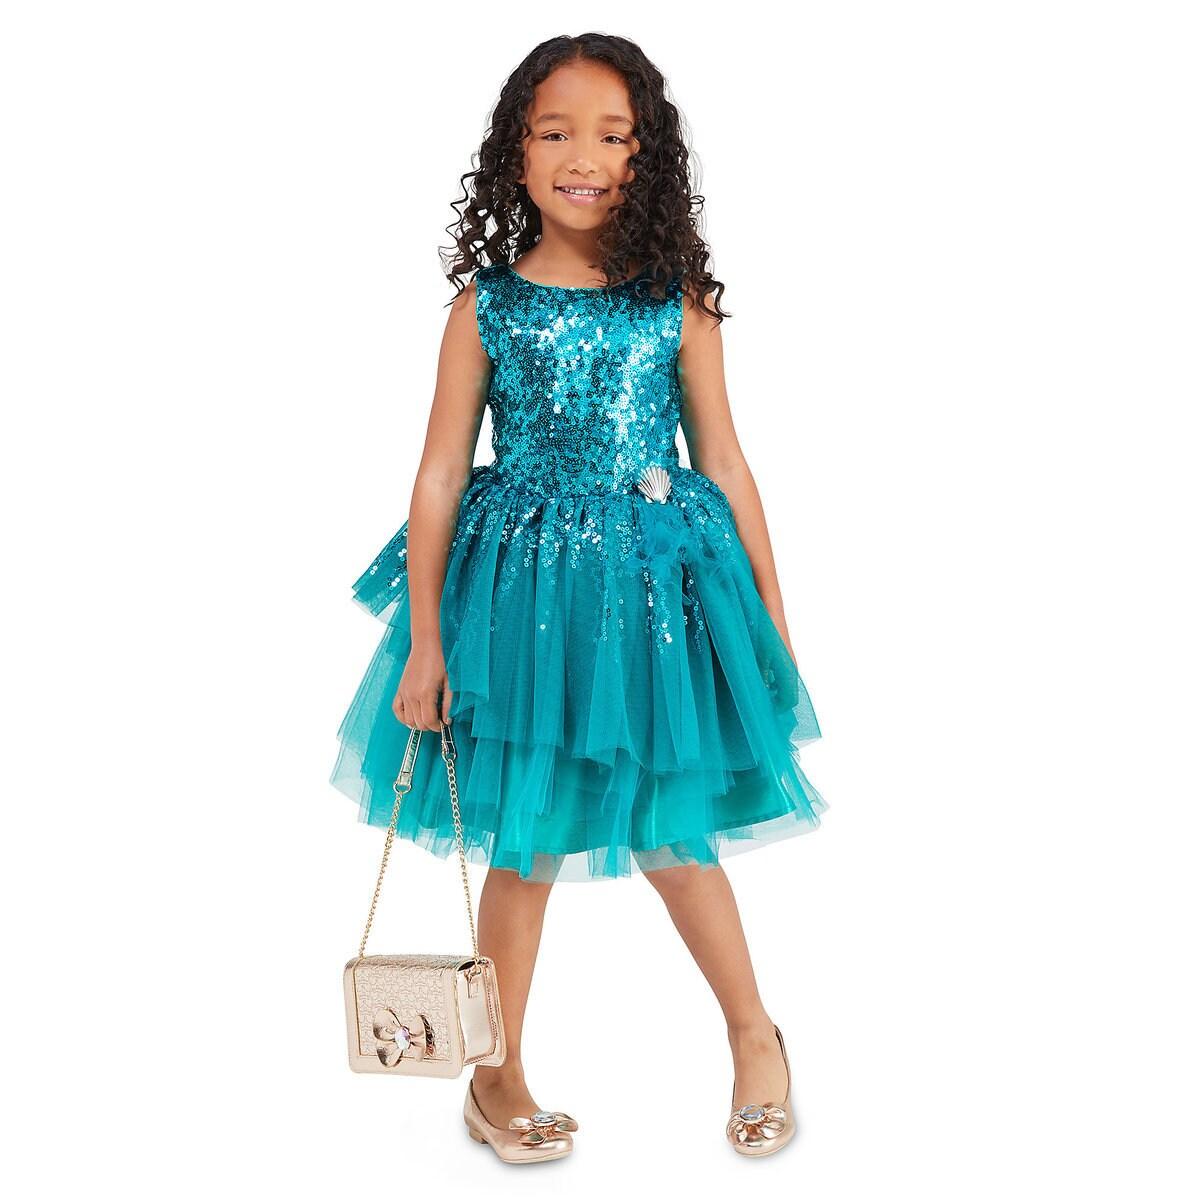 a6353abda7 Ariel Fancy Fashion Collection for Girls